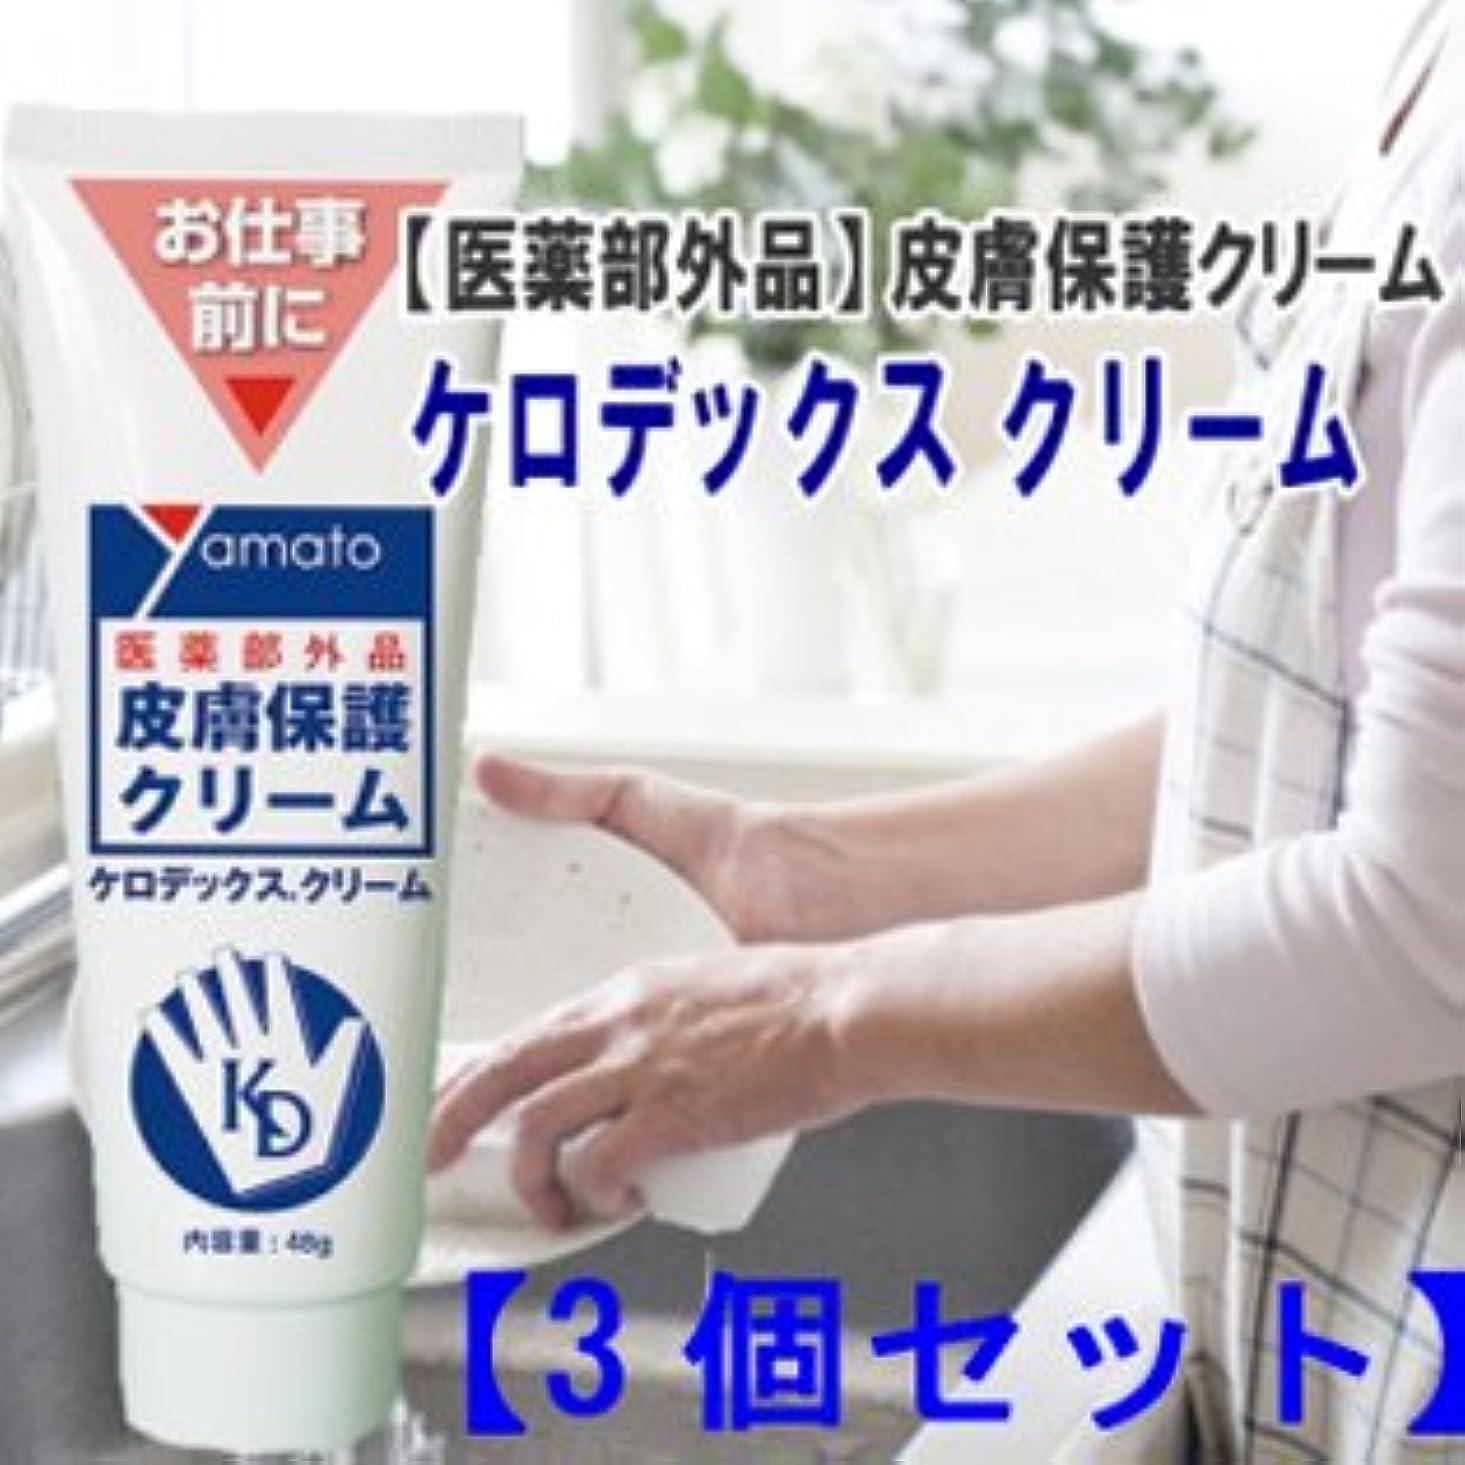 啓示不完全なローブ医薬部外品 皮膚保護クリーム ケロデックスクリーム48g 3個セット